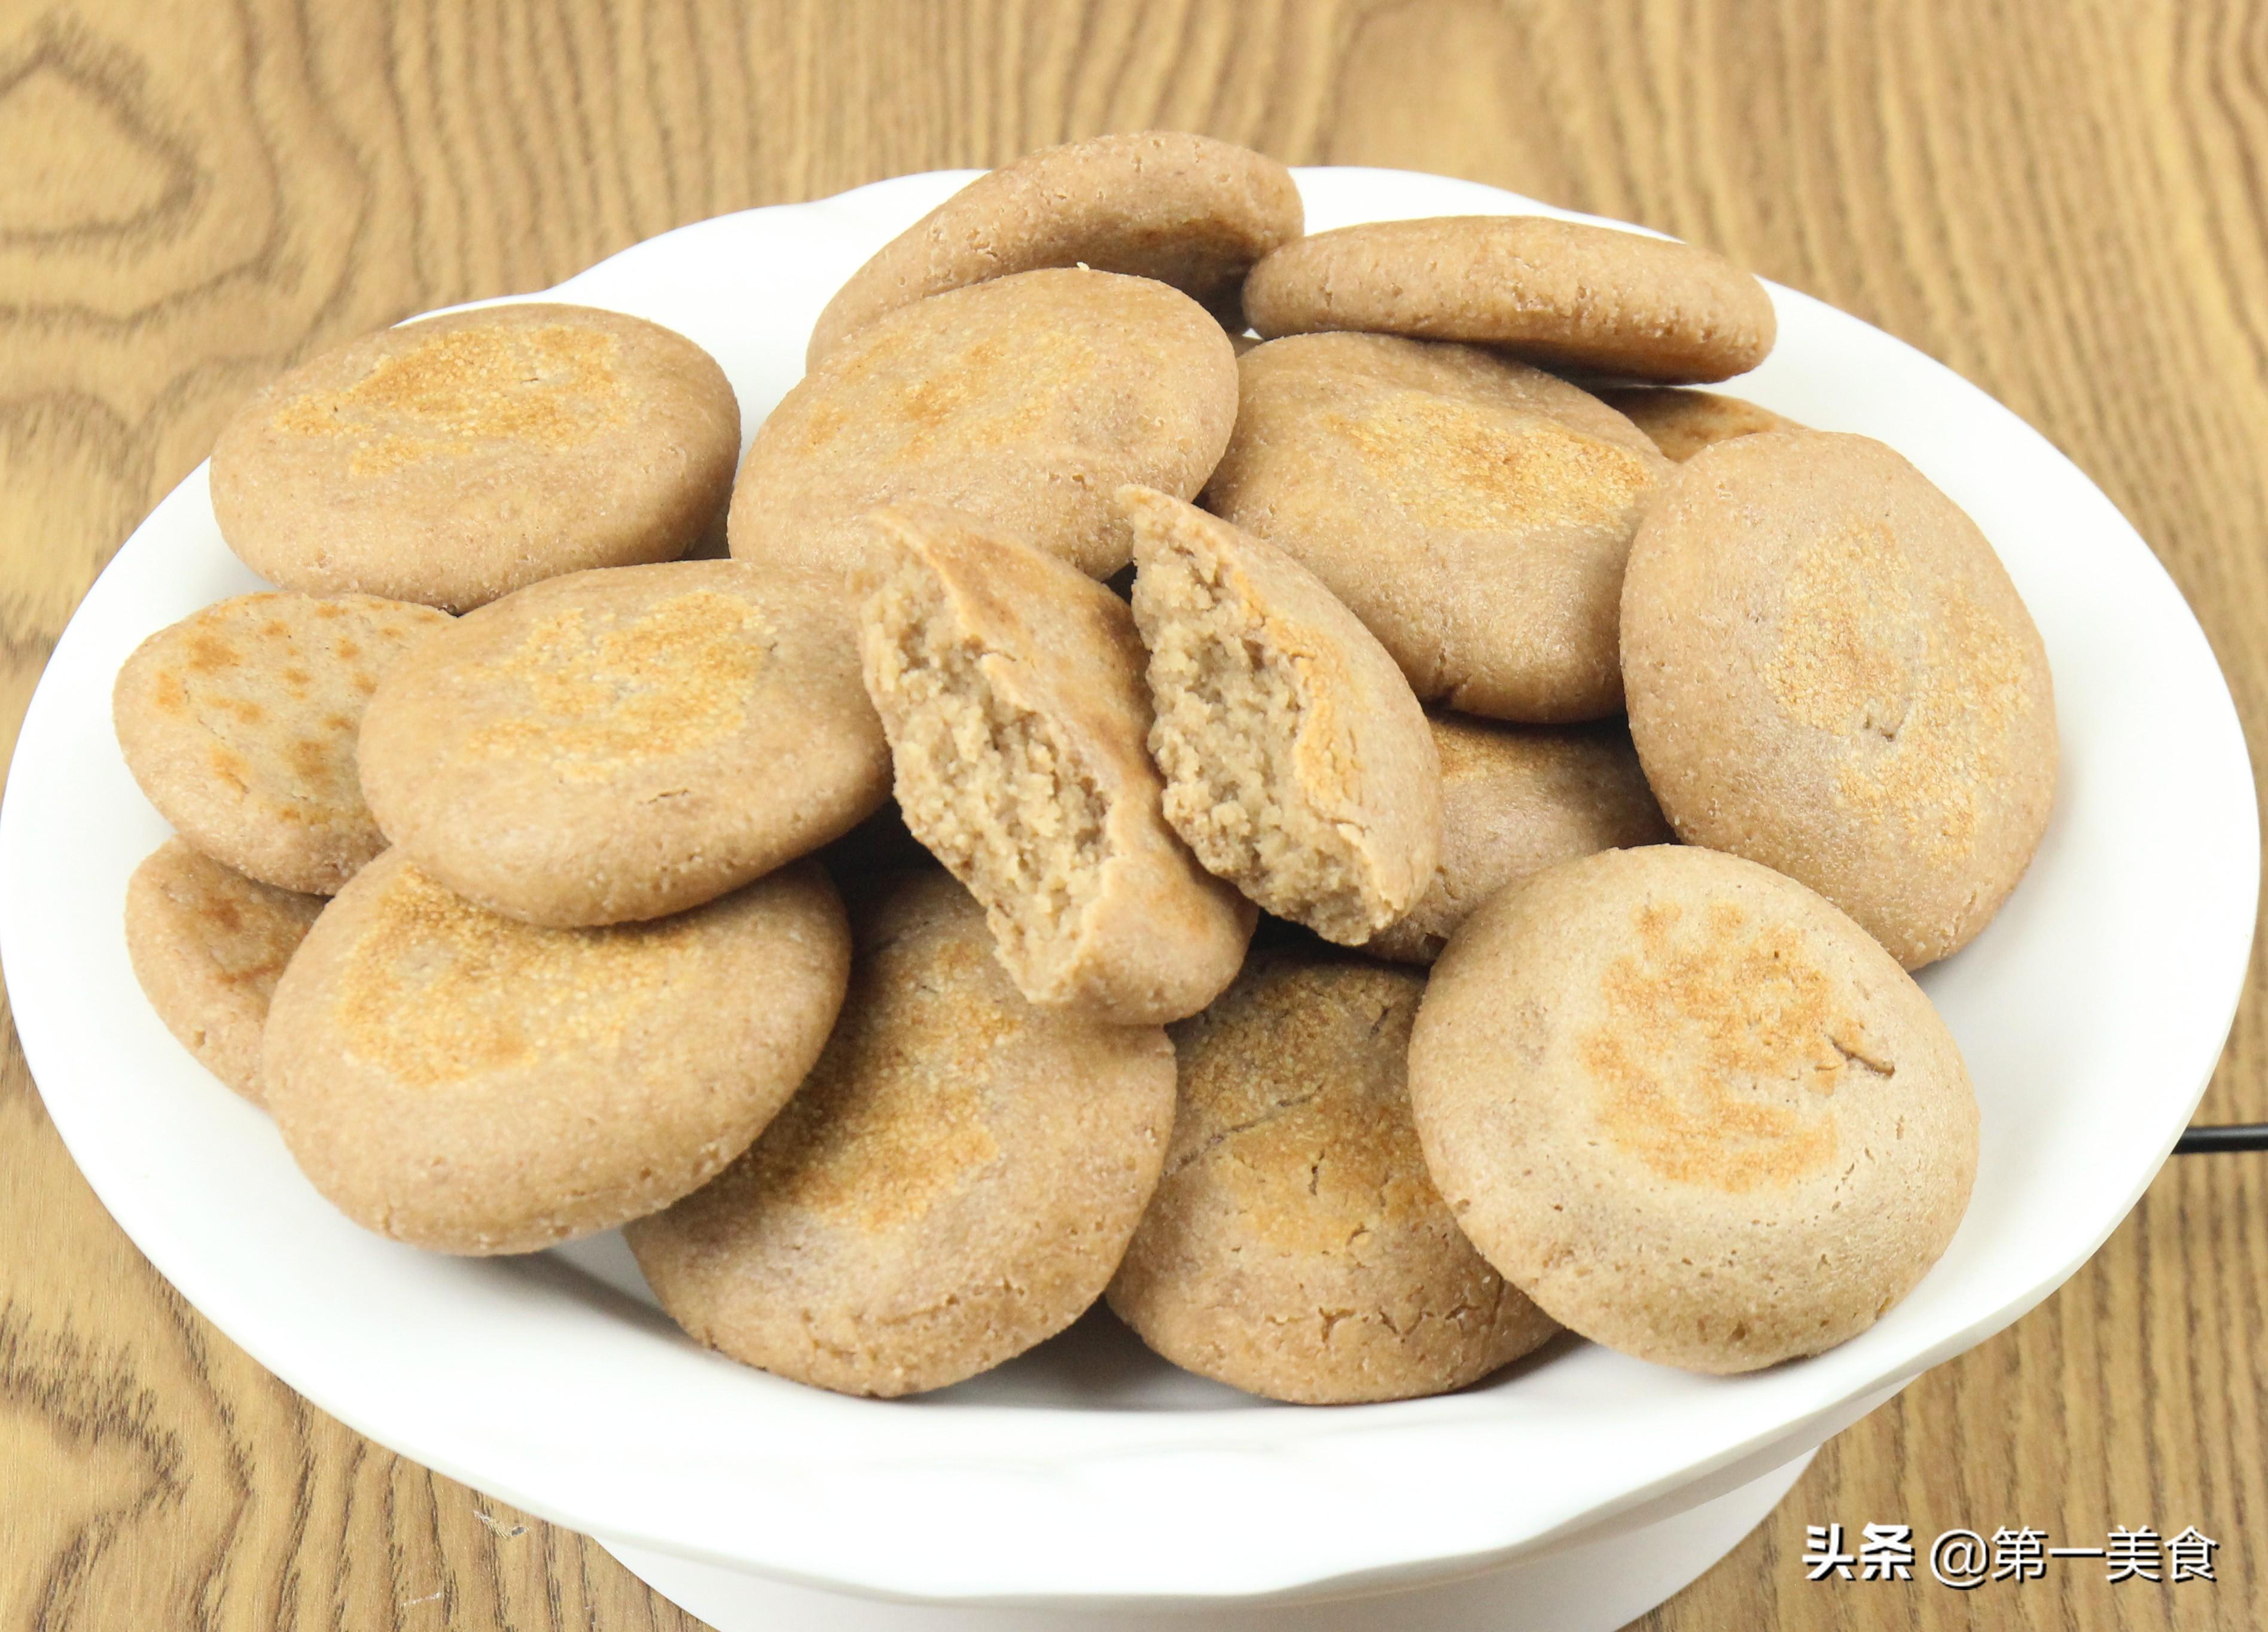 【花生饼】做法步骤图 香酥清脆 营养早餐少不了